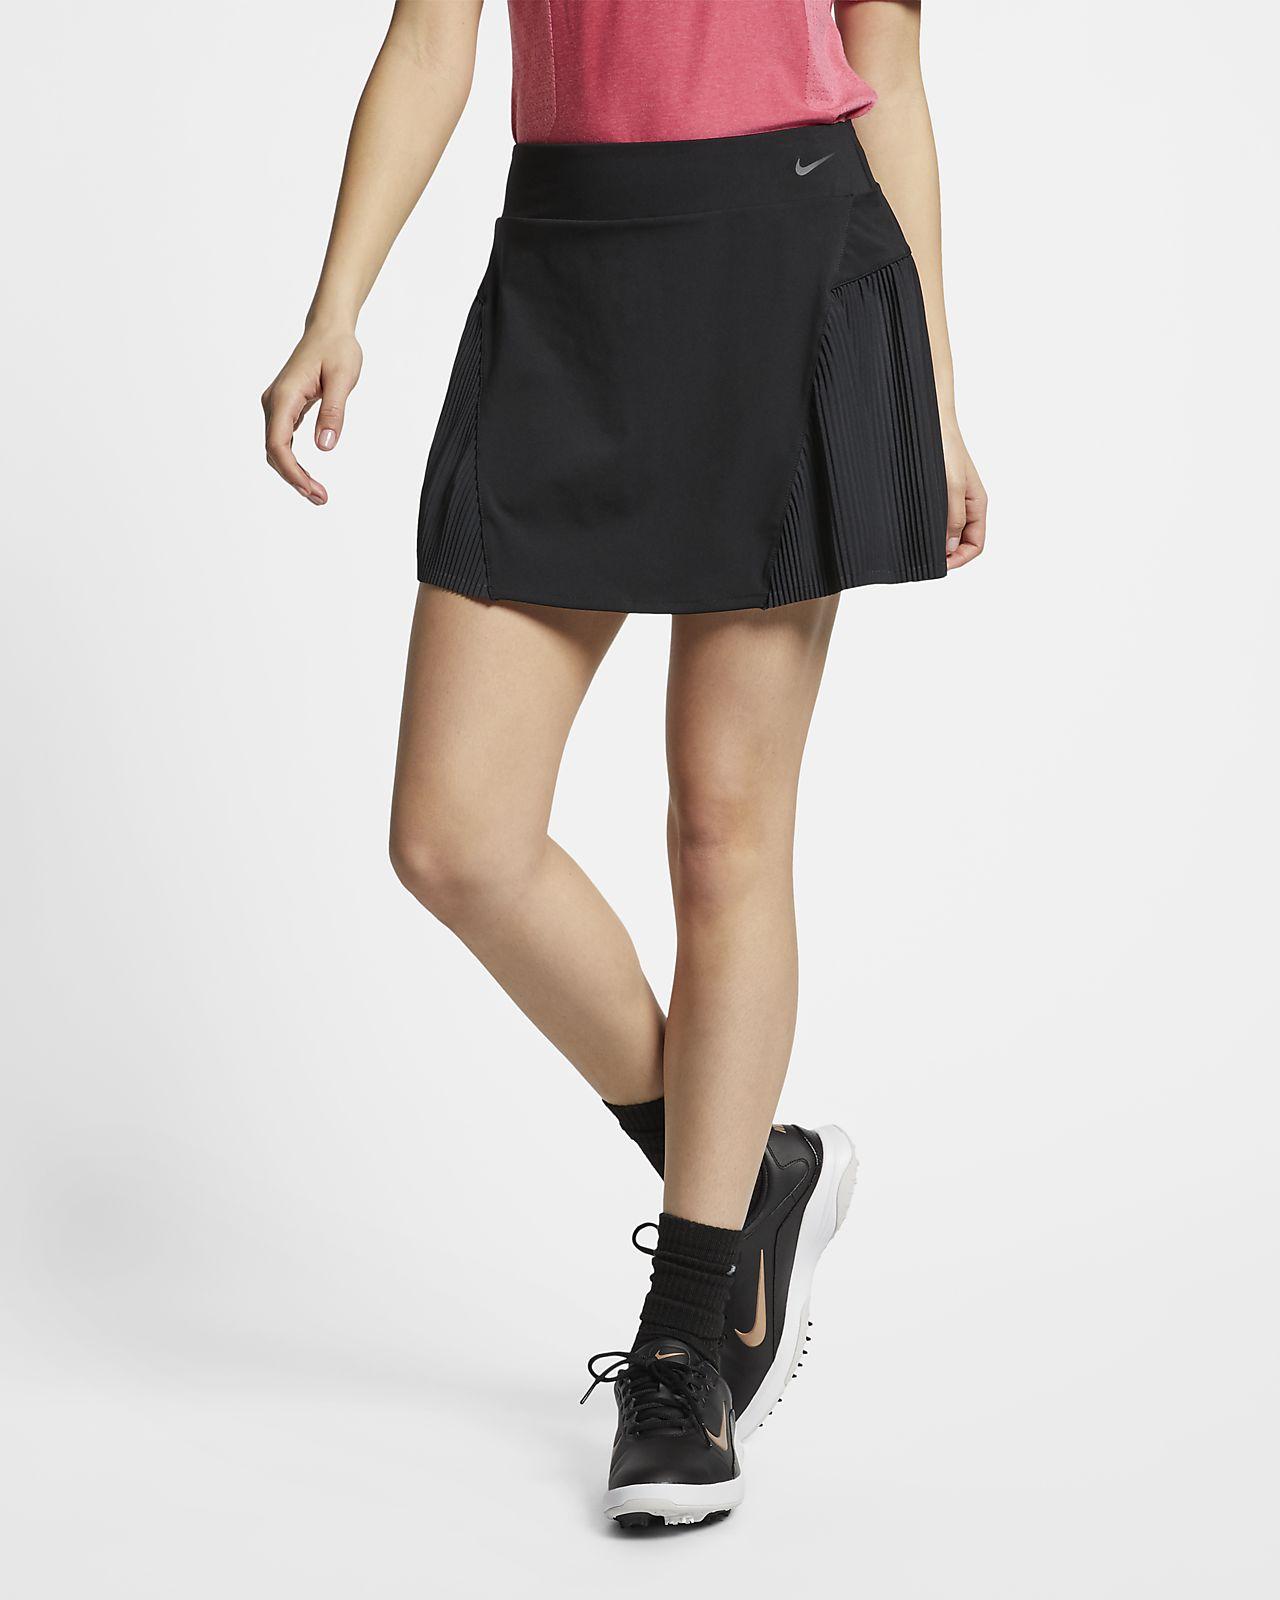 Dámská golfová sukně Nike Dri-FIT, délka 38 cm